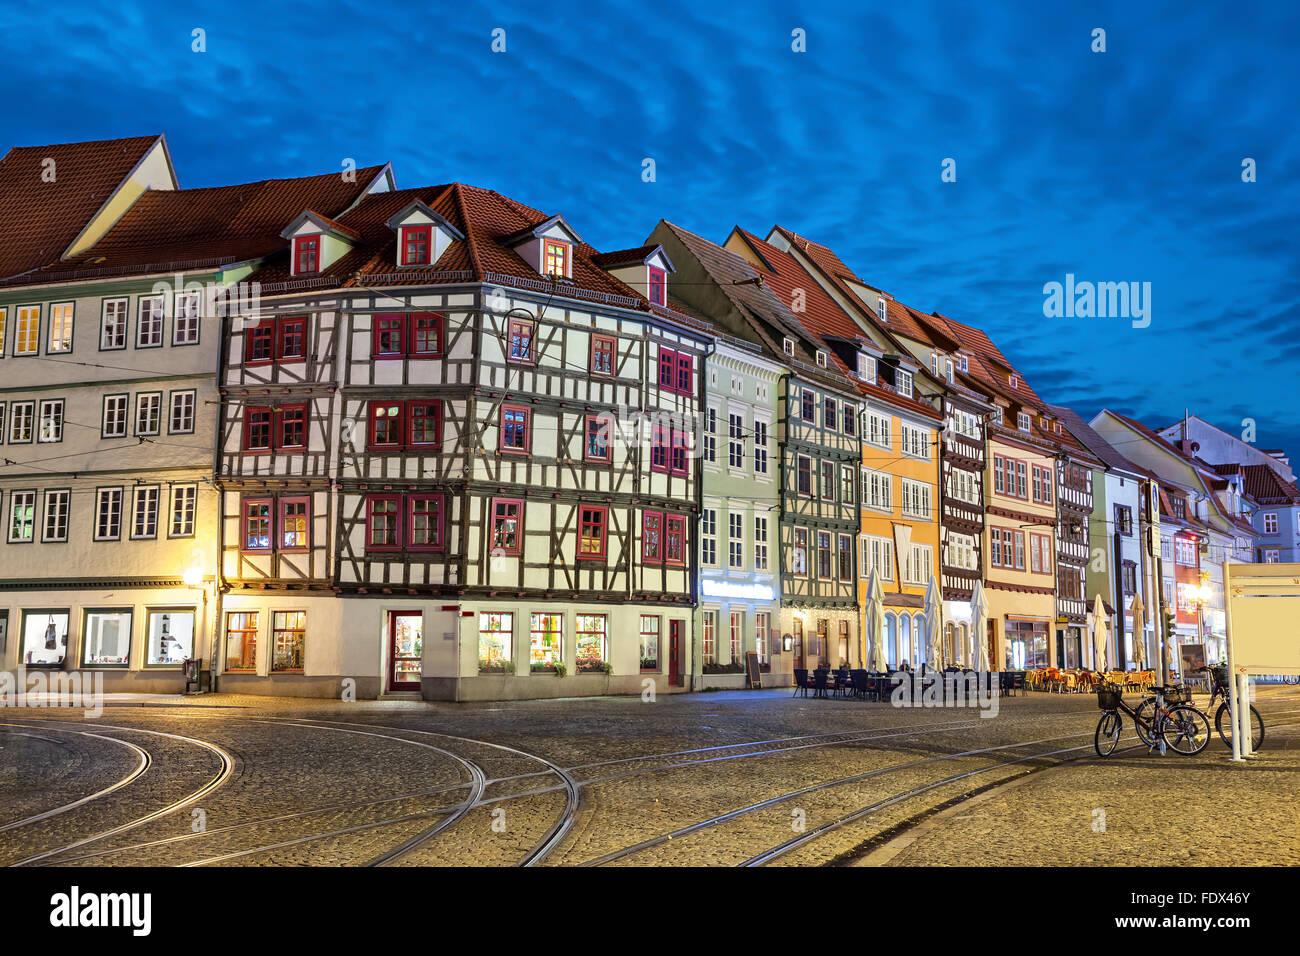 Traditionelle deutsche Fachwerk Häuser auf dem Domplatz Platz in Erfurt, Thüringen, Deutschland Stockbild